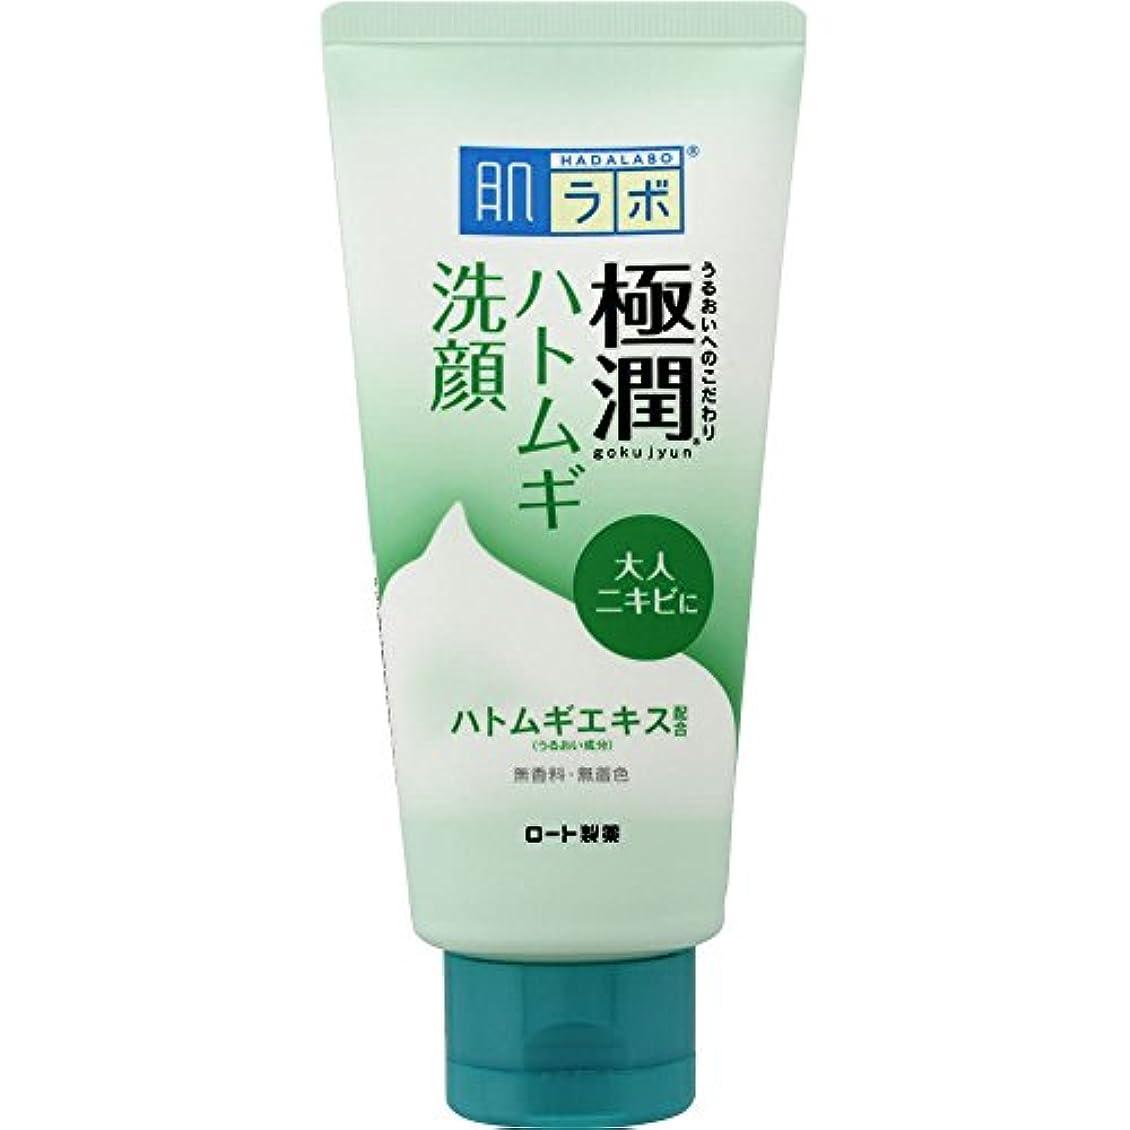 応援する硫黄付添人肌ラボ 極潤 毛穴洗浄 大人ニキビ予防 ハトムギ洗顔フォーム 100g